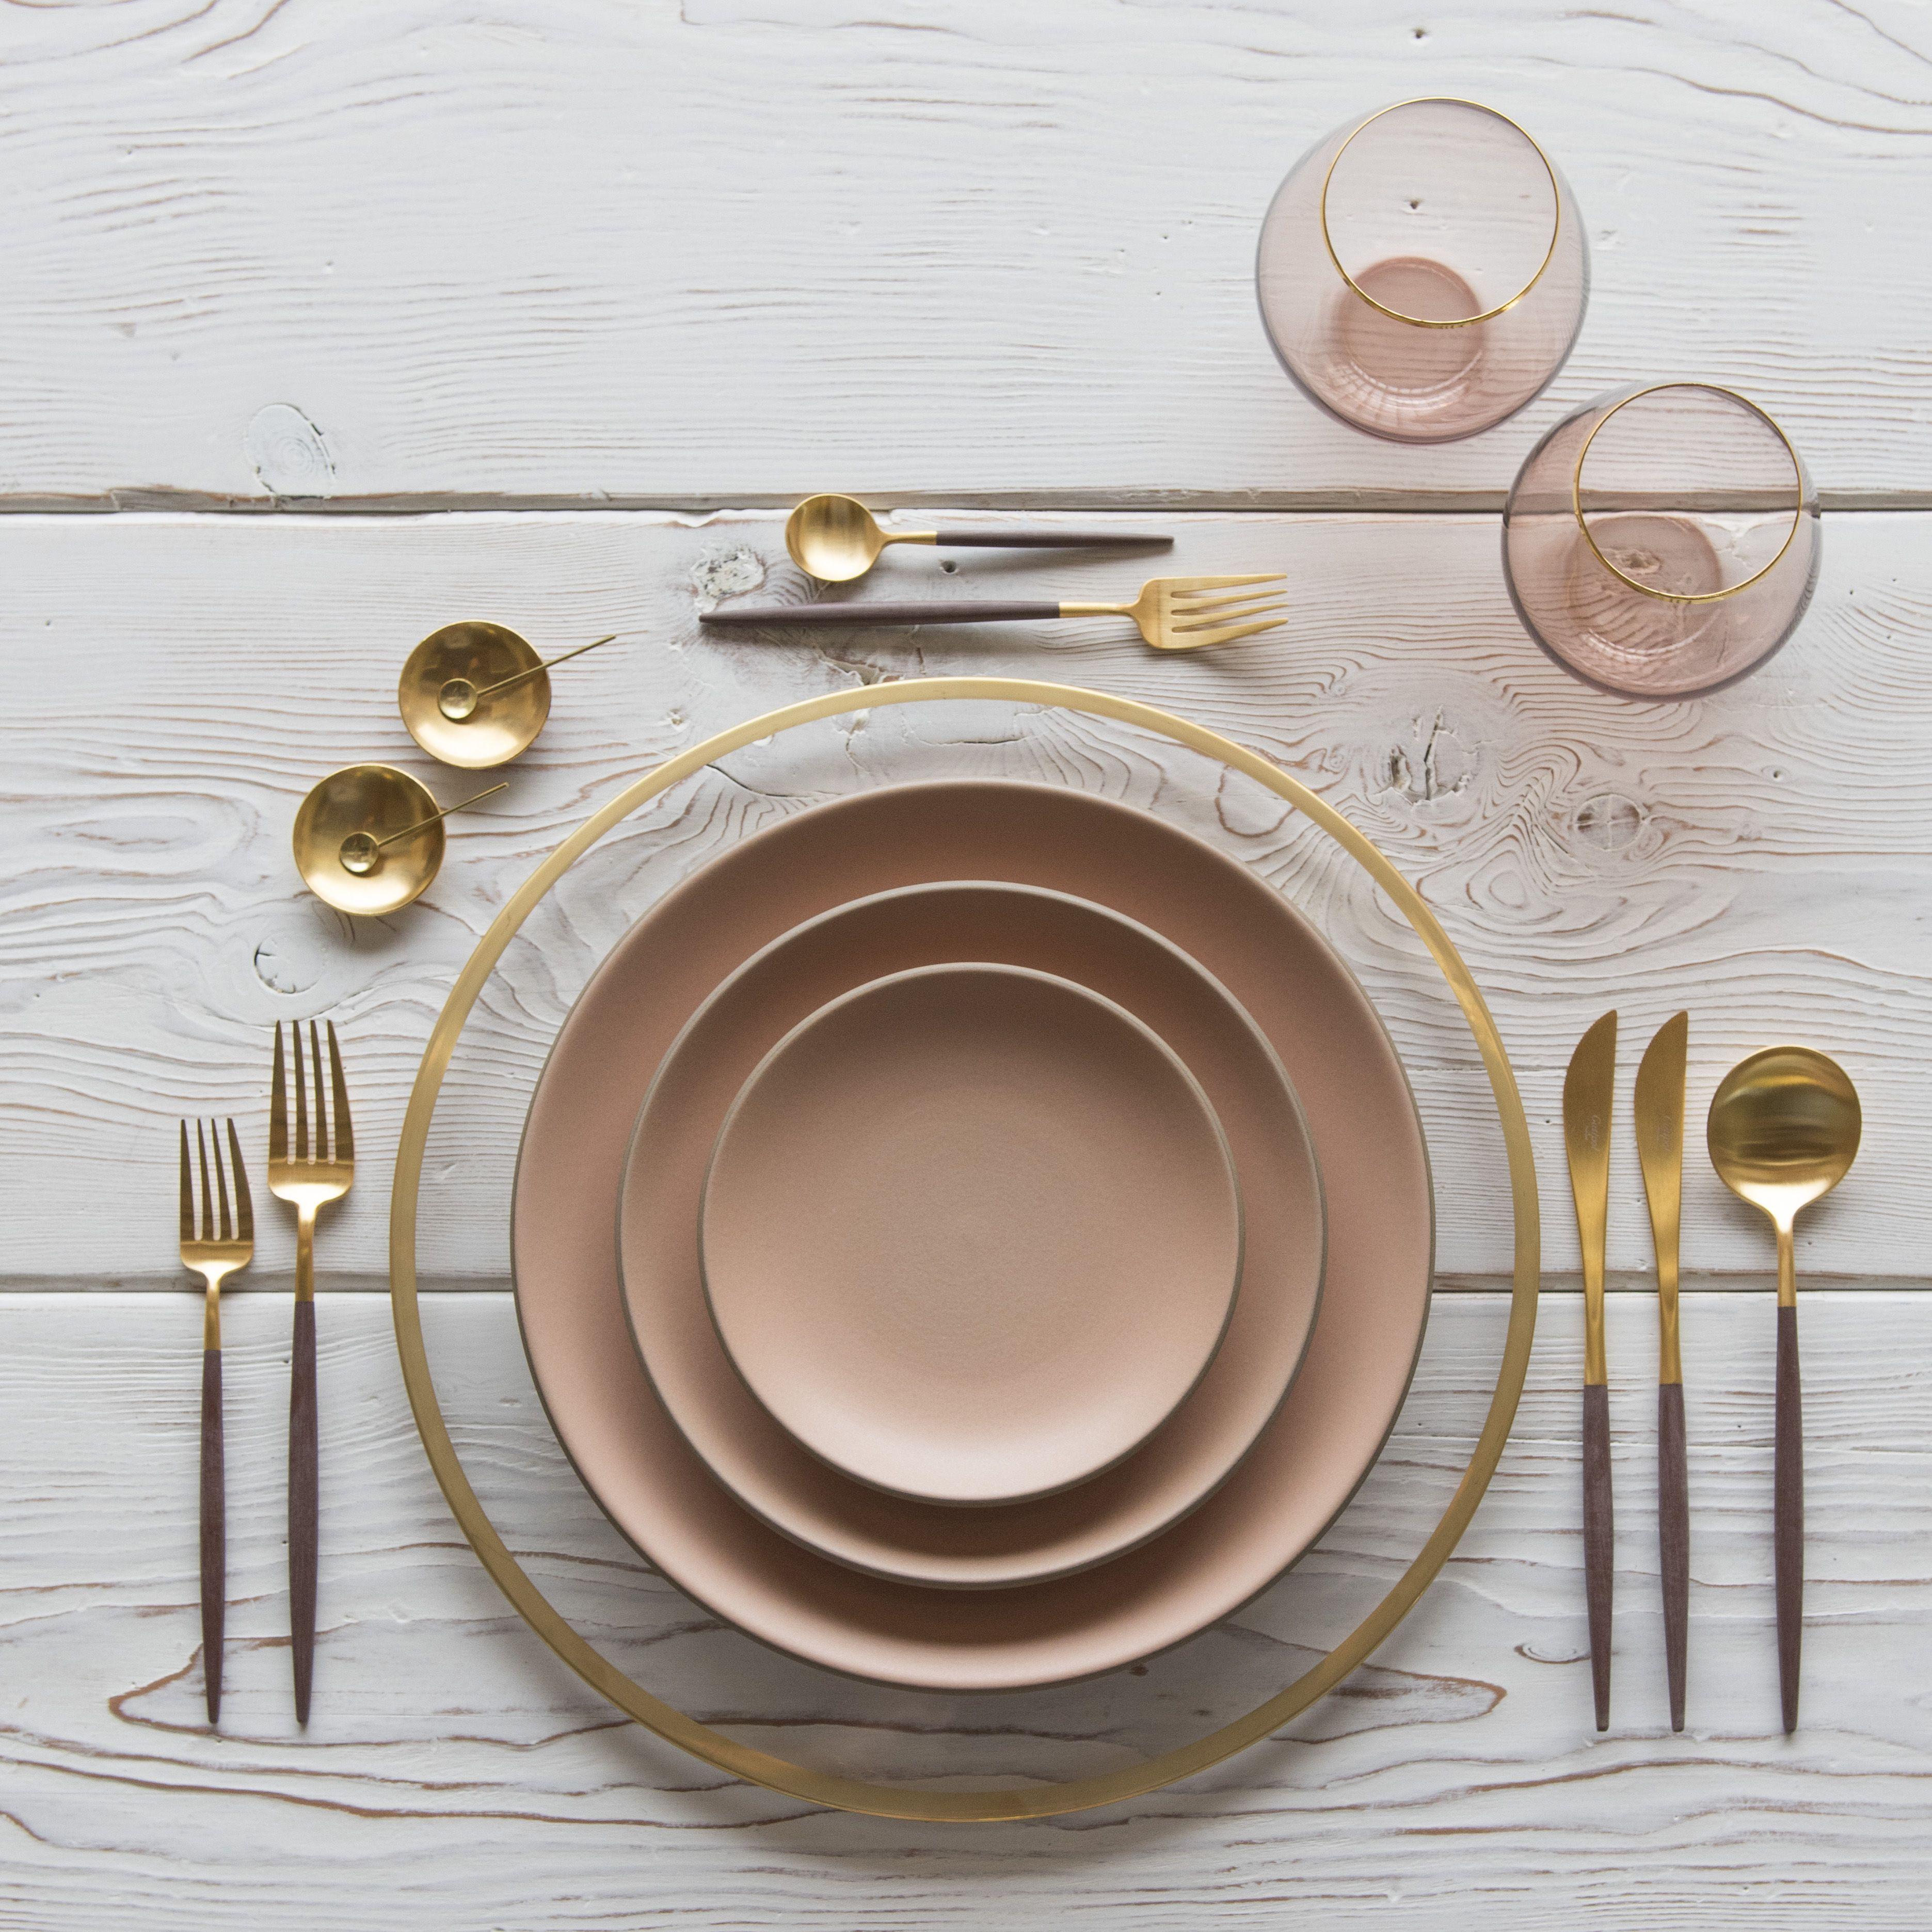 decoraci n mesas cuberter a dorada con platos y